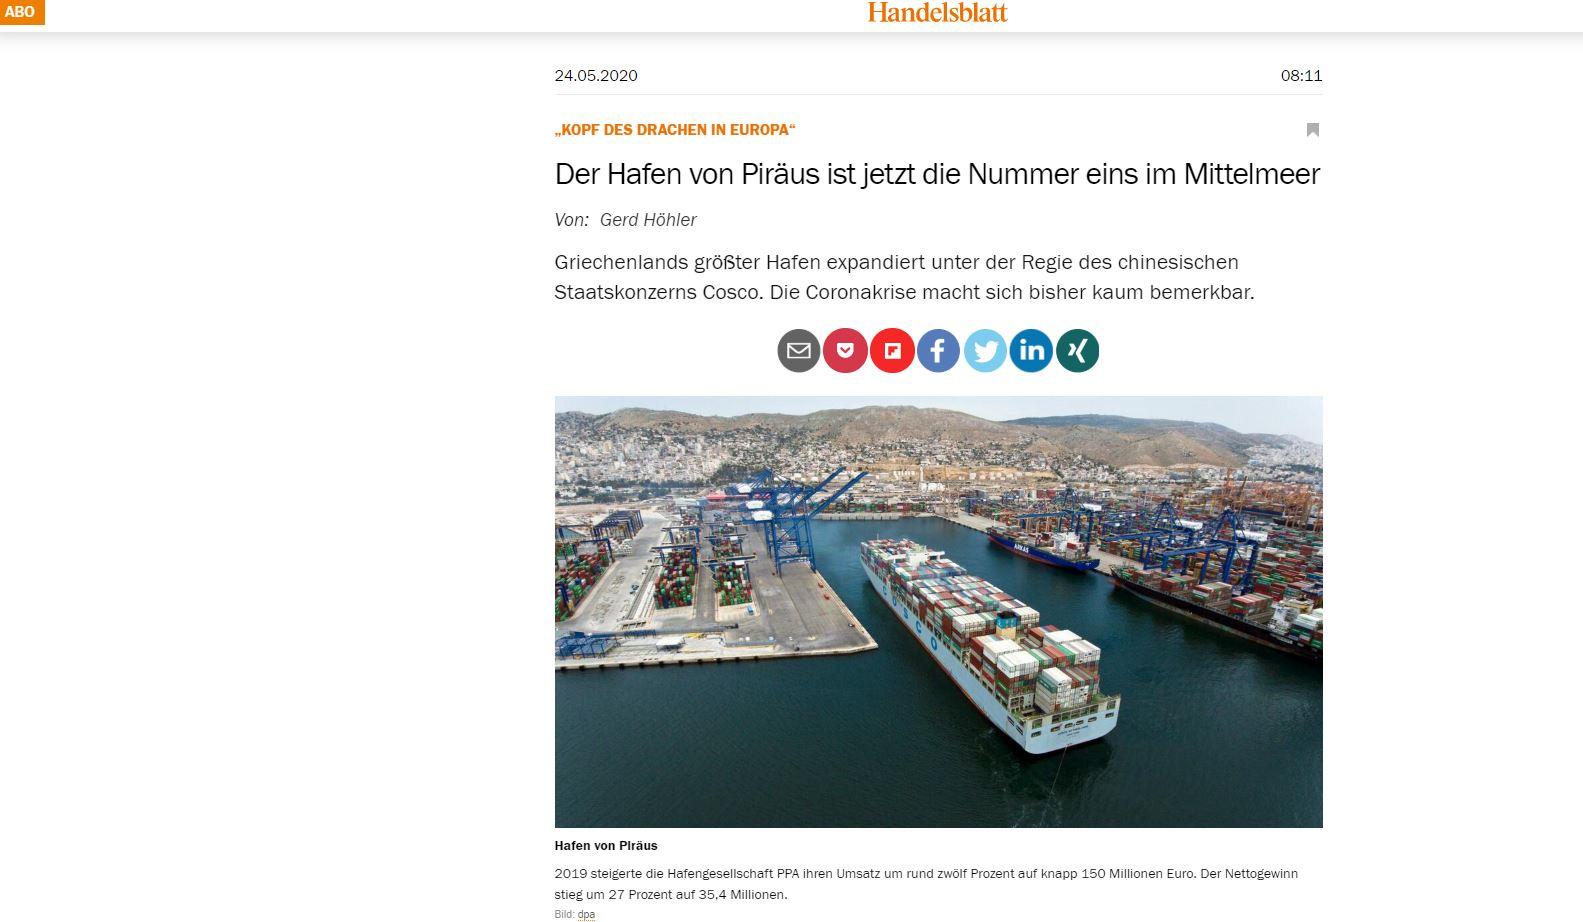 Το κείμενο της Handelsblatt  για το λιμάνι του Πειραιά